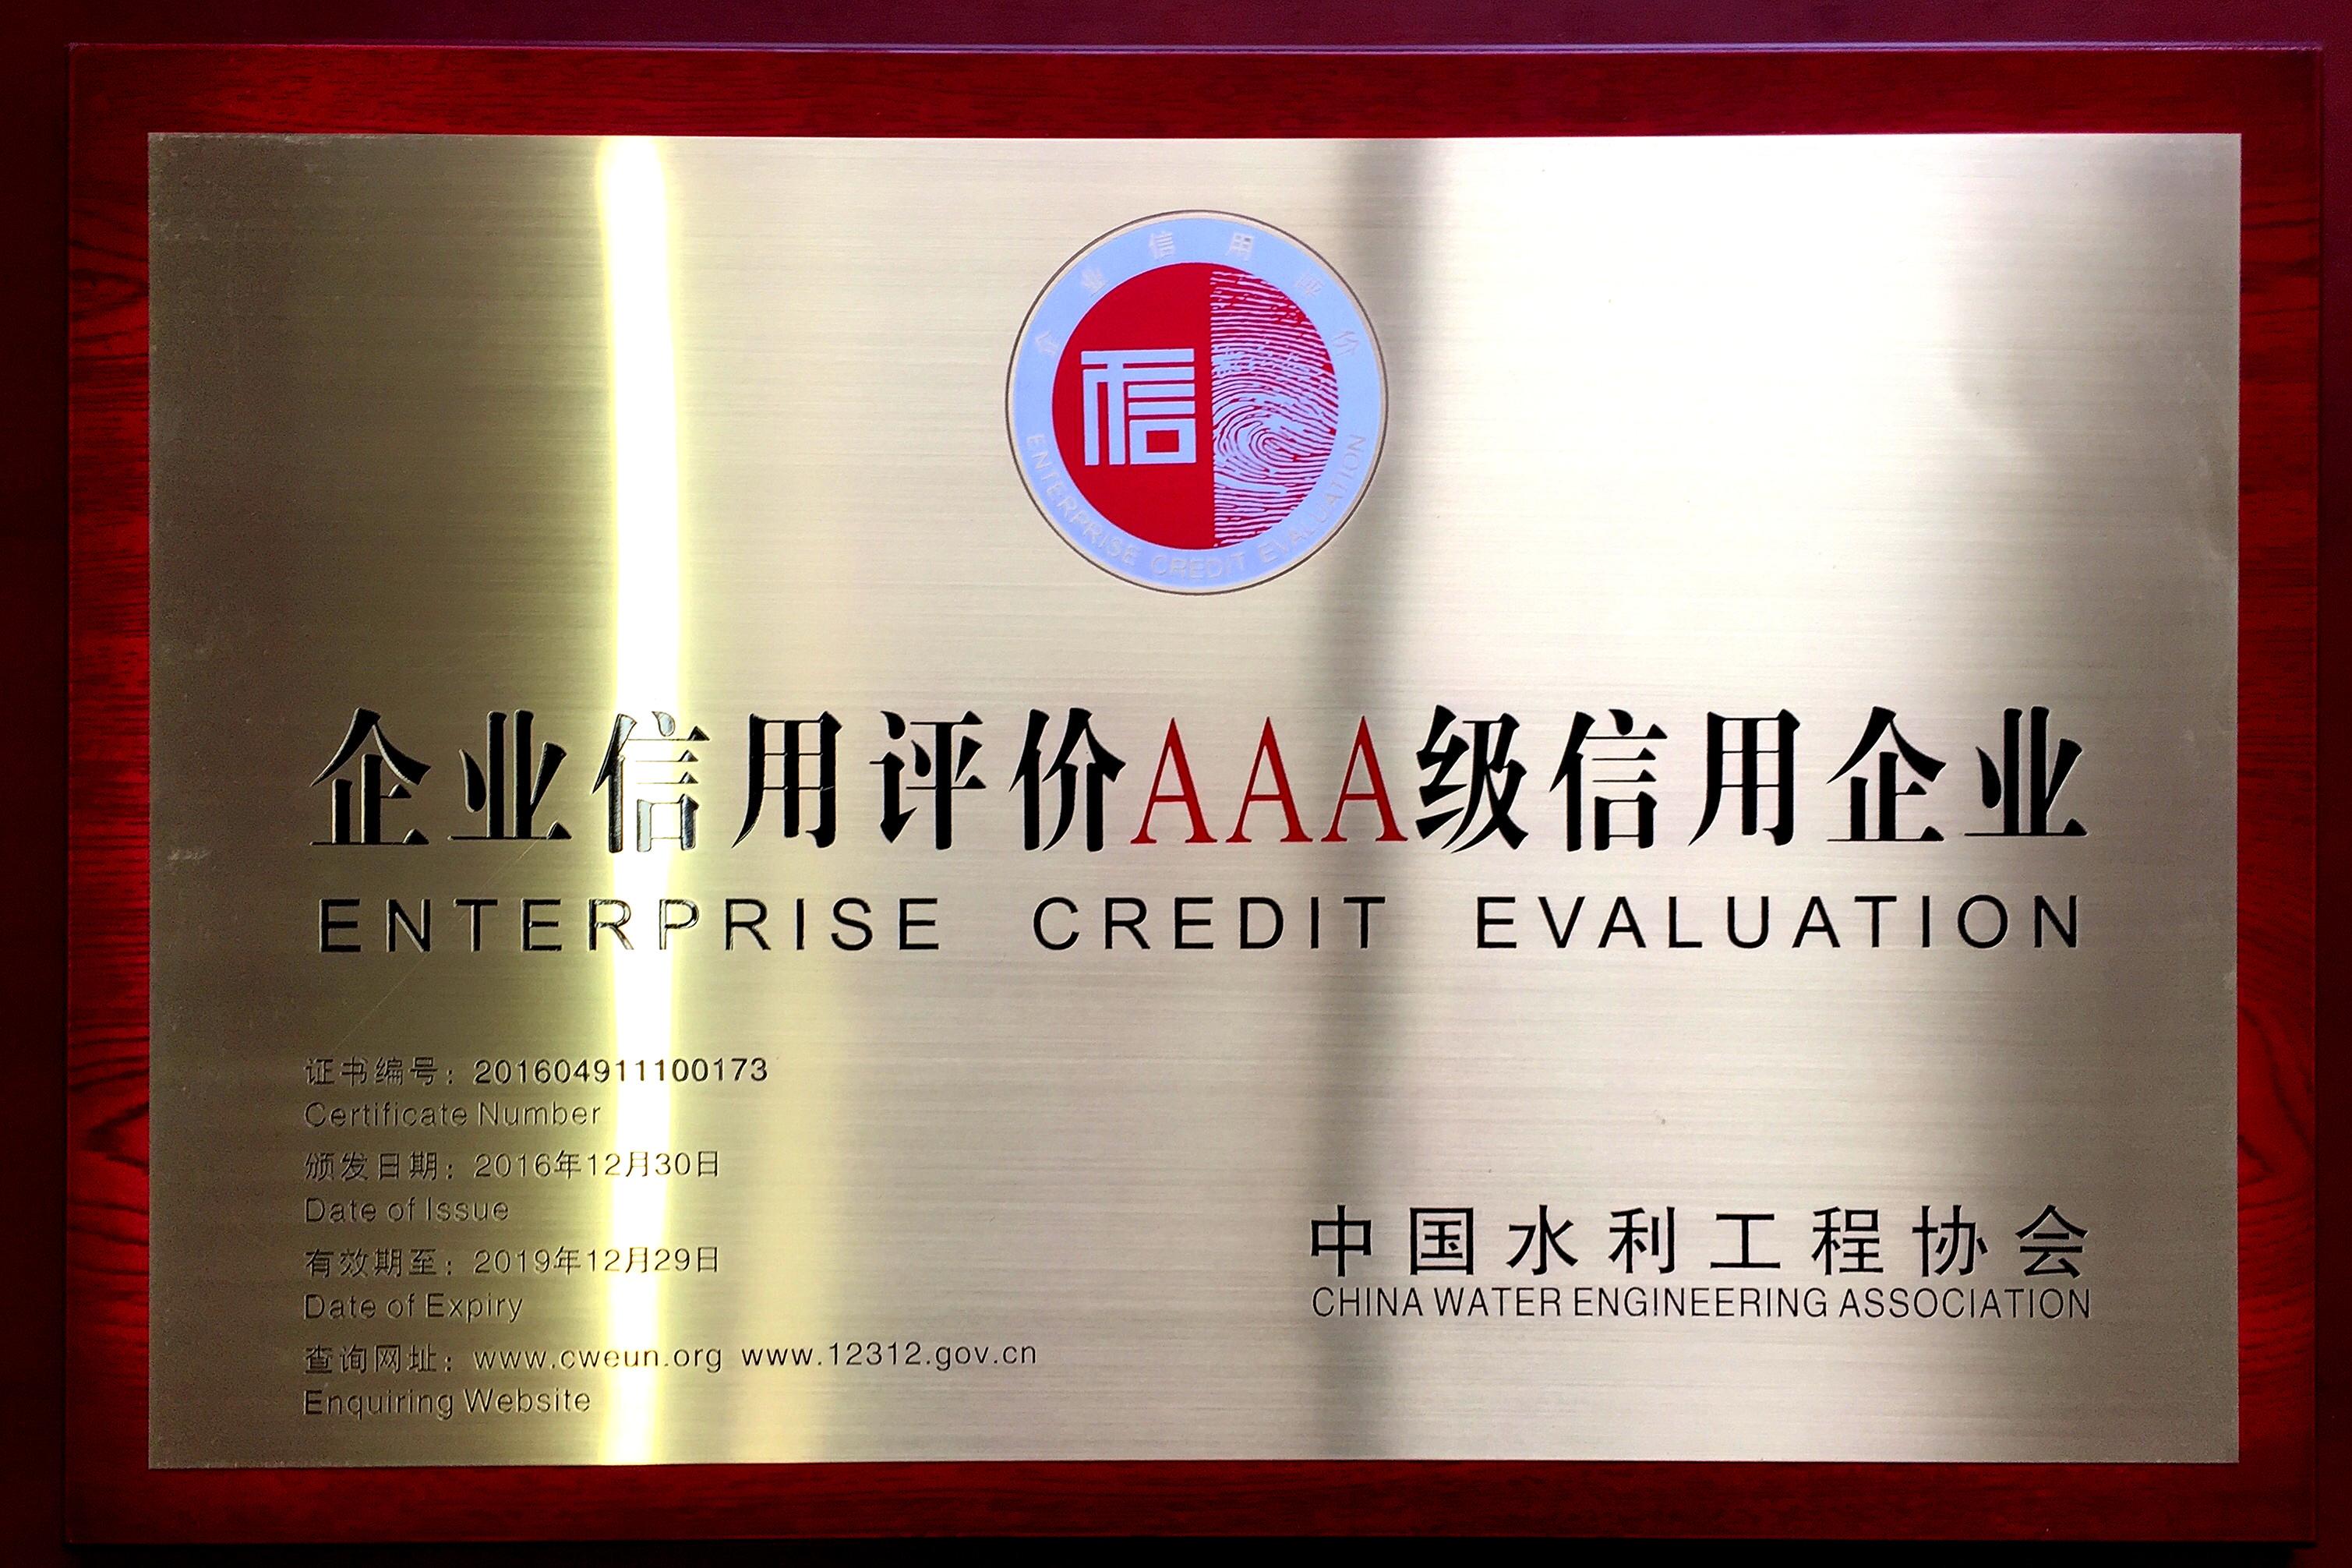 """【奖项荣誉】中国水利AG亚博协会""""AAA级信用""""称号"""